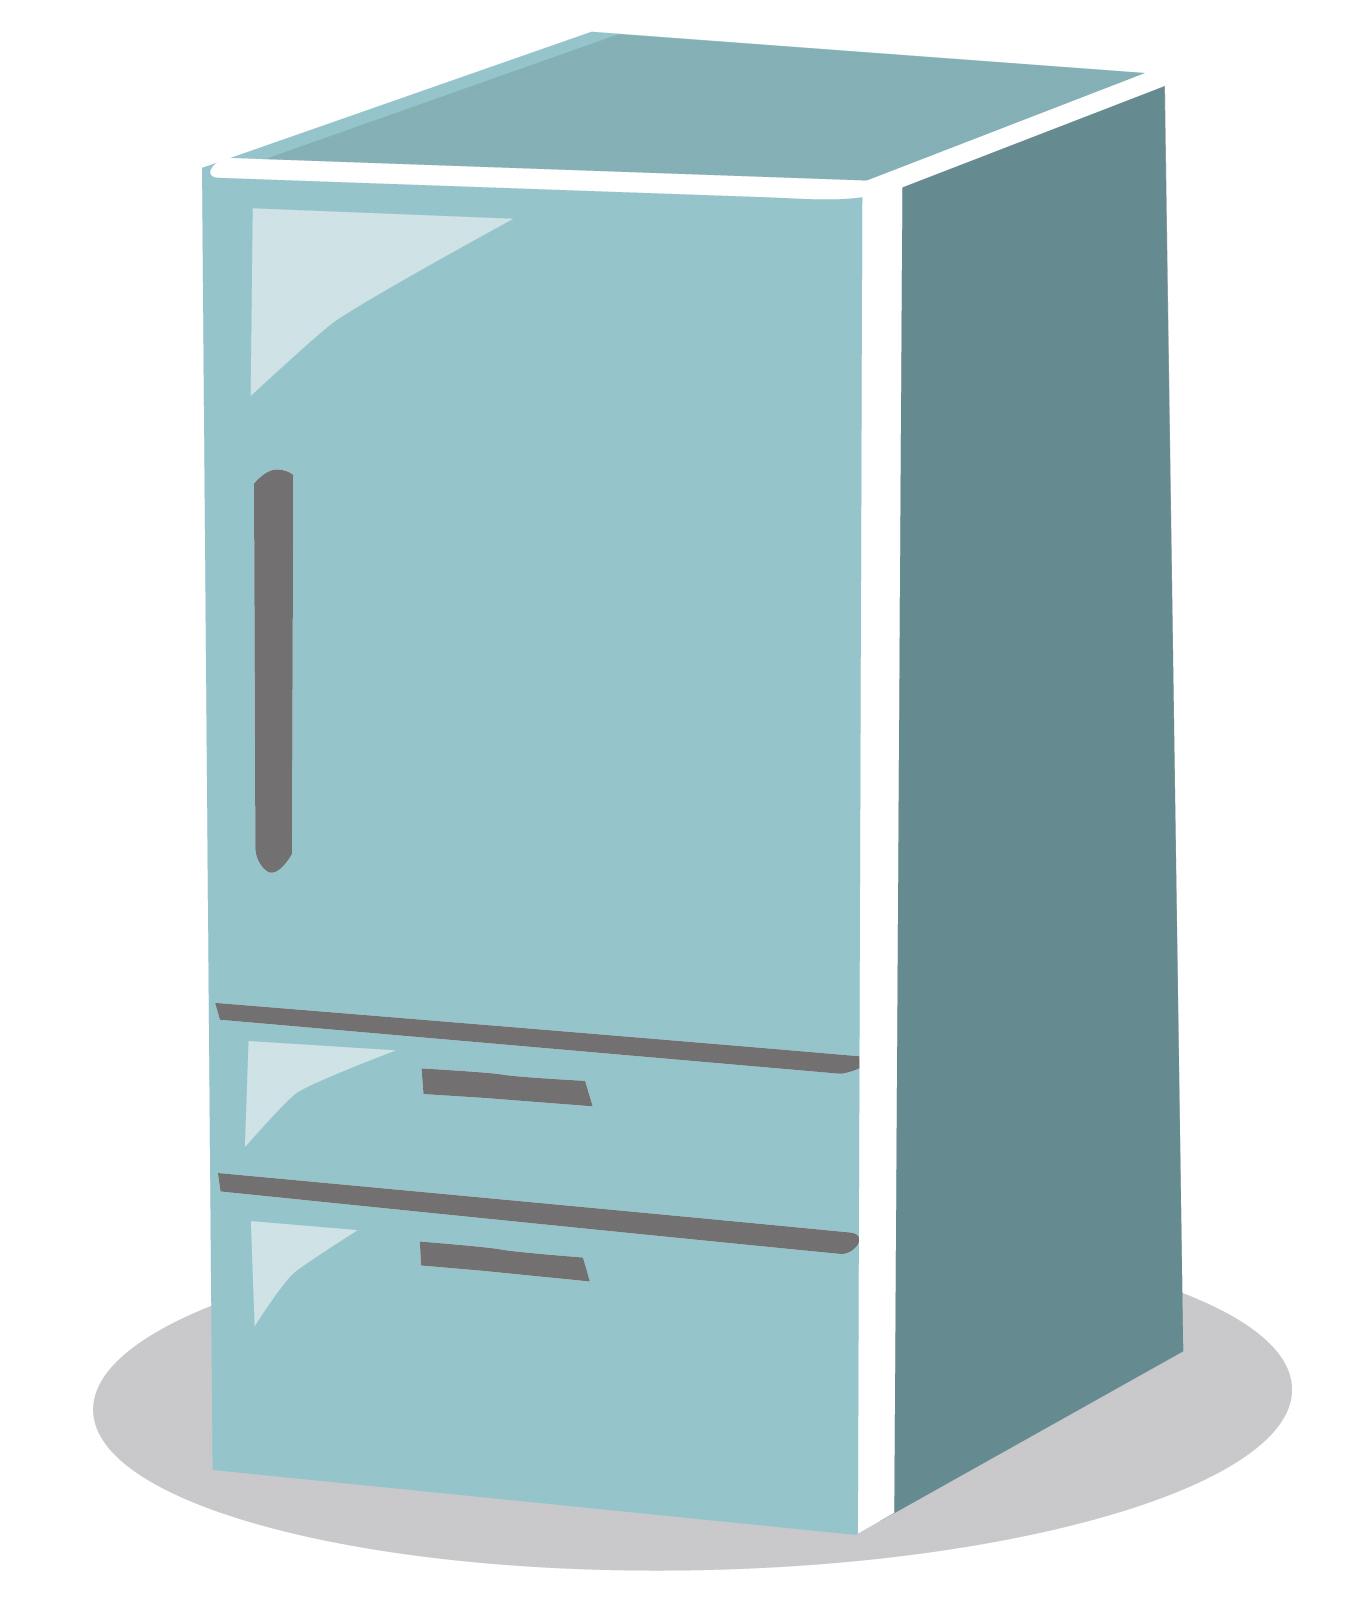 冷蔵庫のイメージ画像